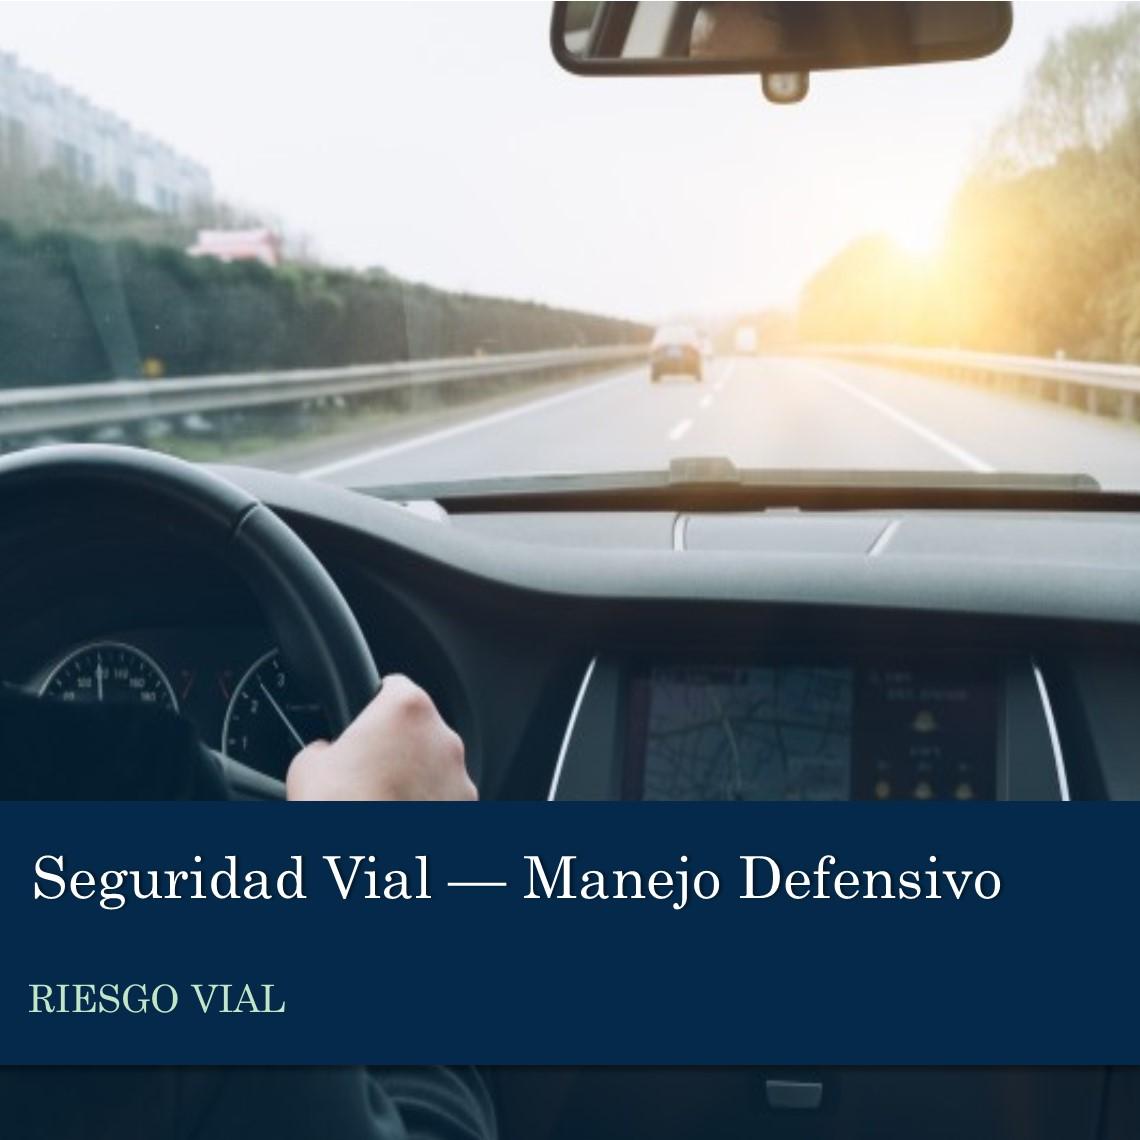 Seguridad Vial - Manejo Defensivo